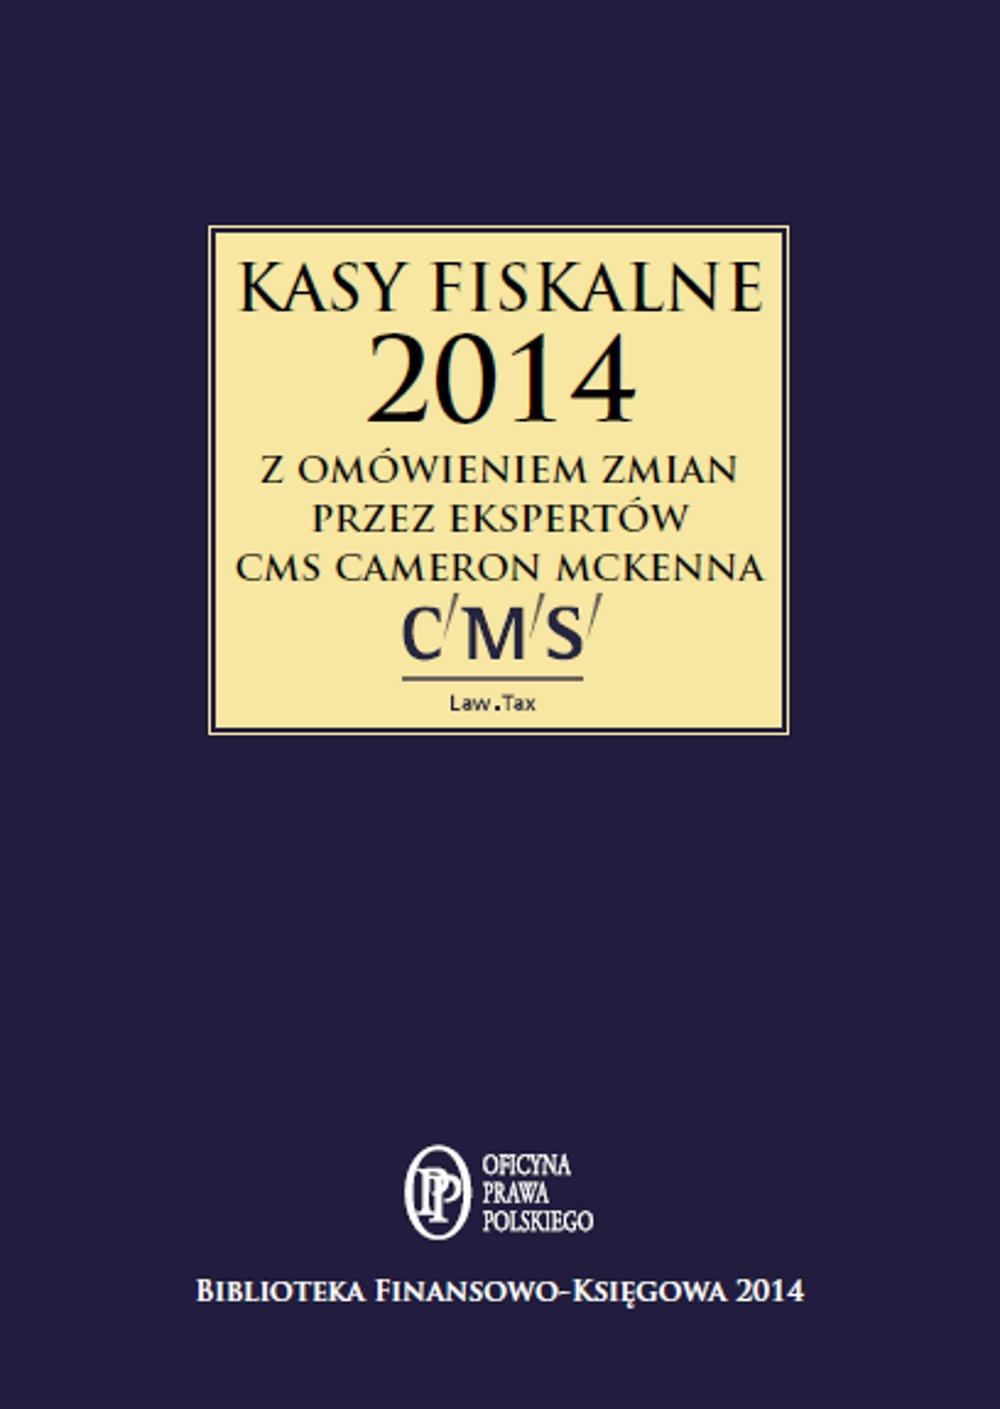 Kasy fiskalne 2014 z omówieniem ekspertów CMS Cameron McKenna - Ebook (Książka EPUB) do pobrania w formacie EPUB